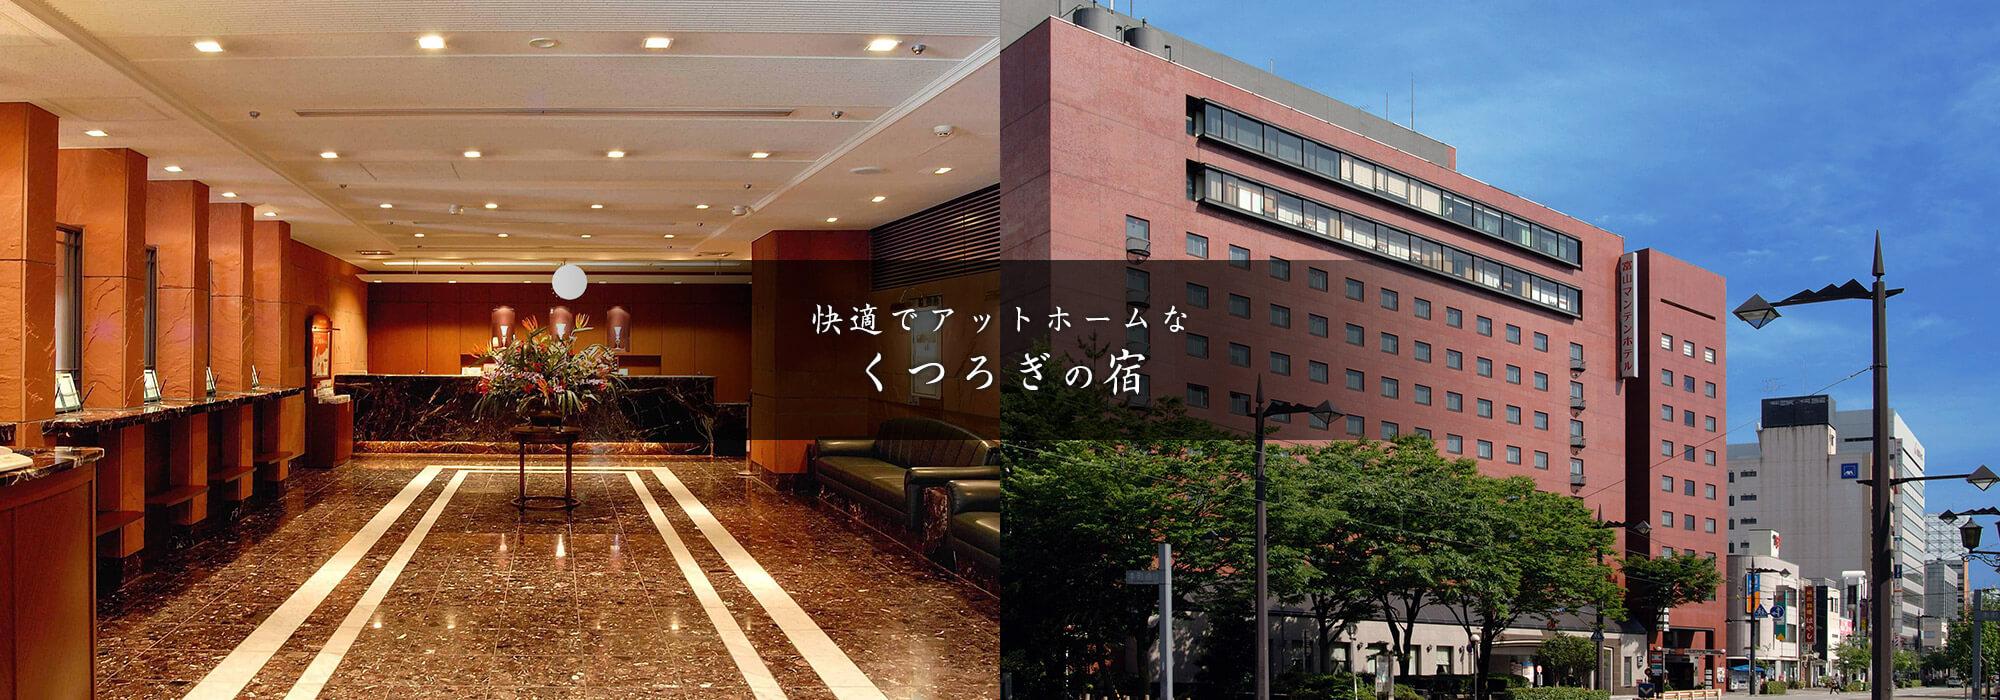 富山でパパ活におすすめなホテル「富山マンテンホテル」